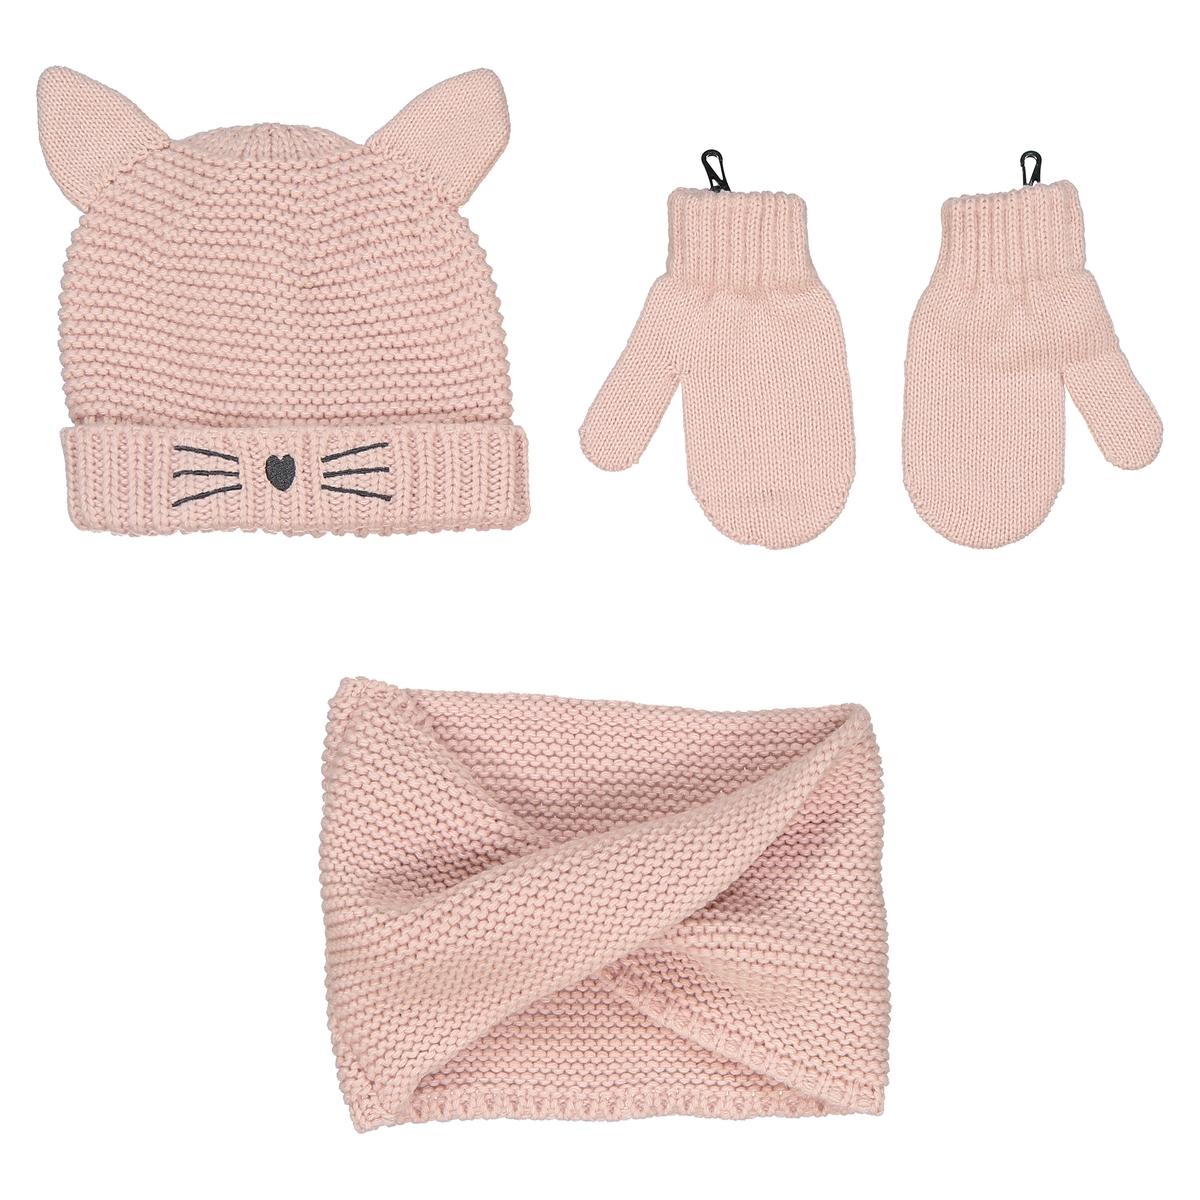 все цены на Комплект шапка варежки и шарф La Redoute мес - года 0/3 мес. - 50/60 см розовый онлайн